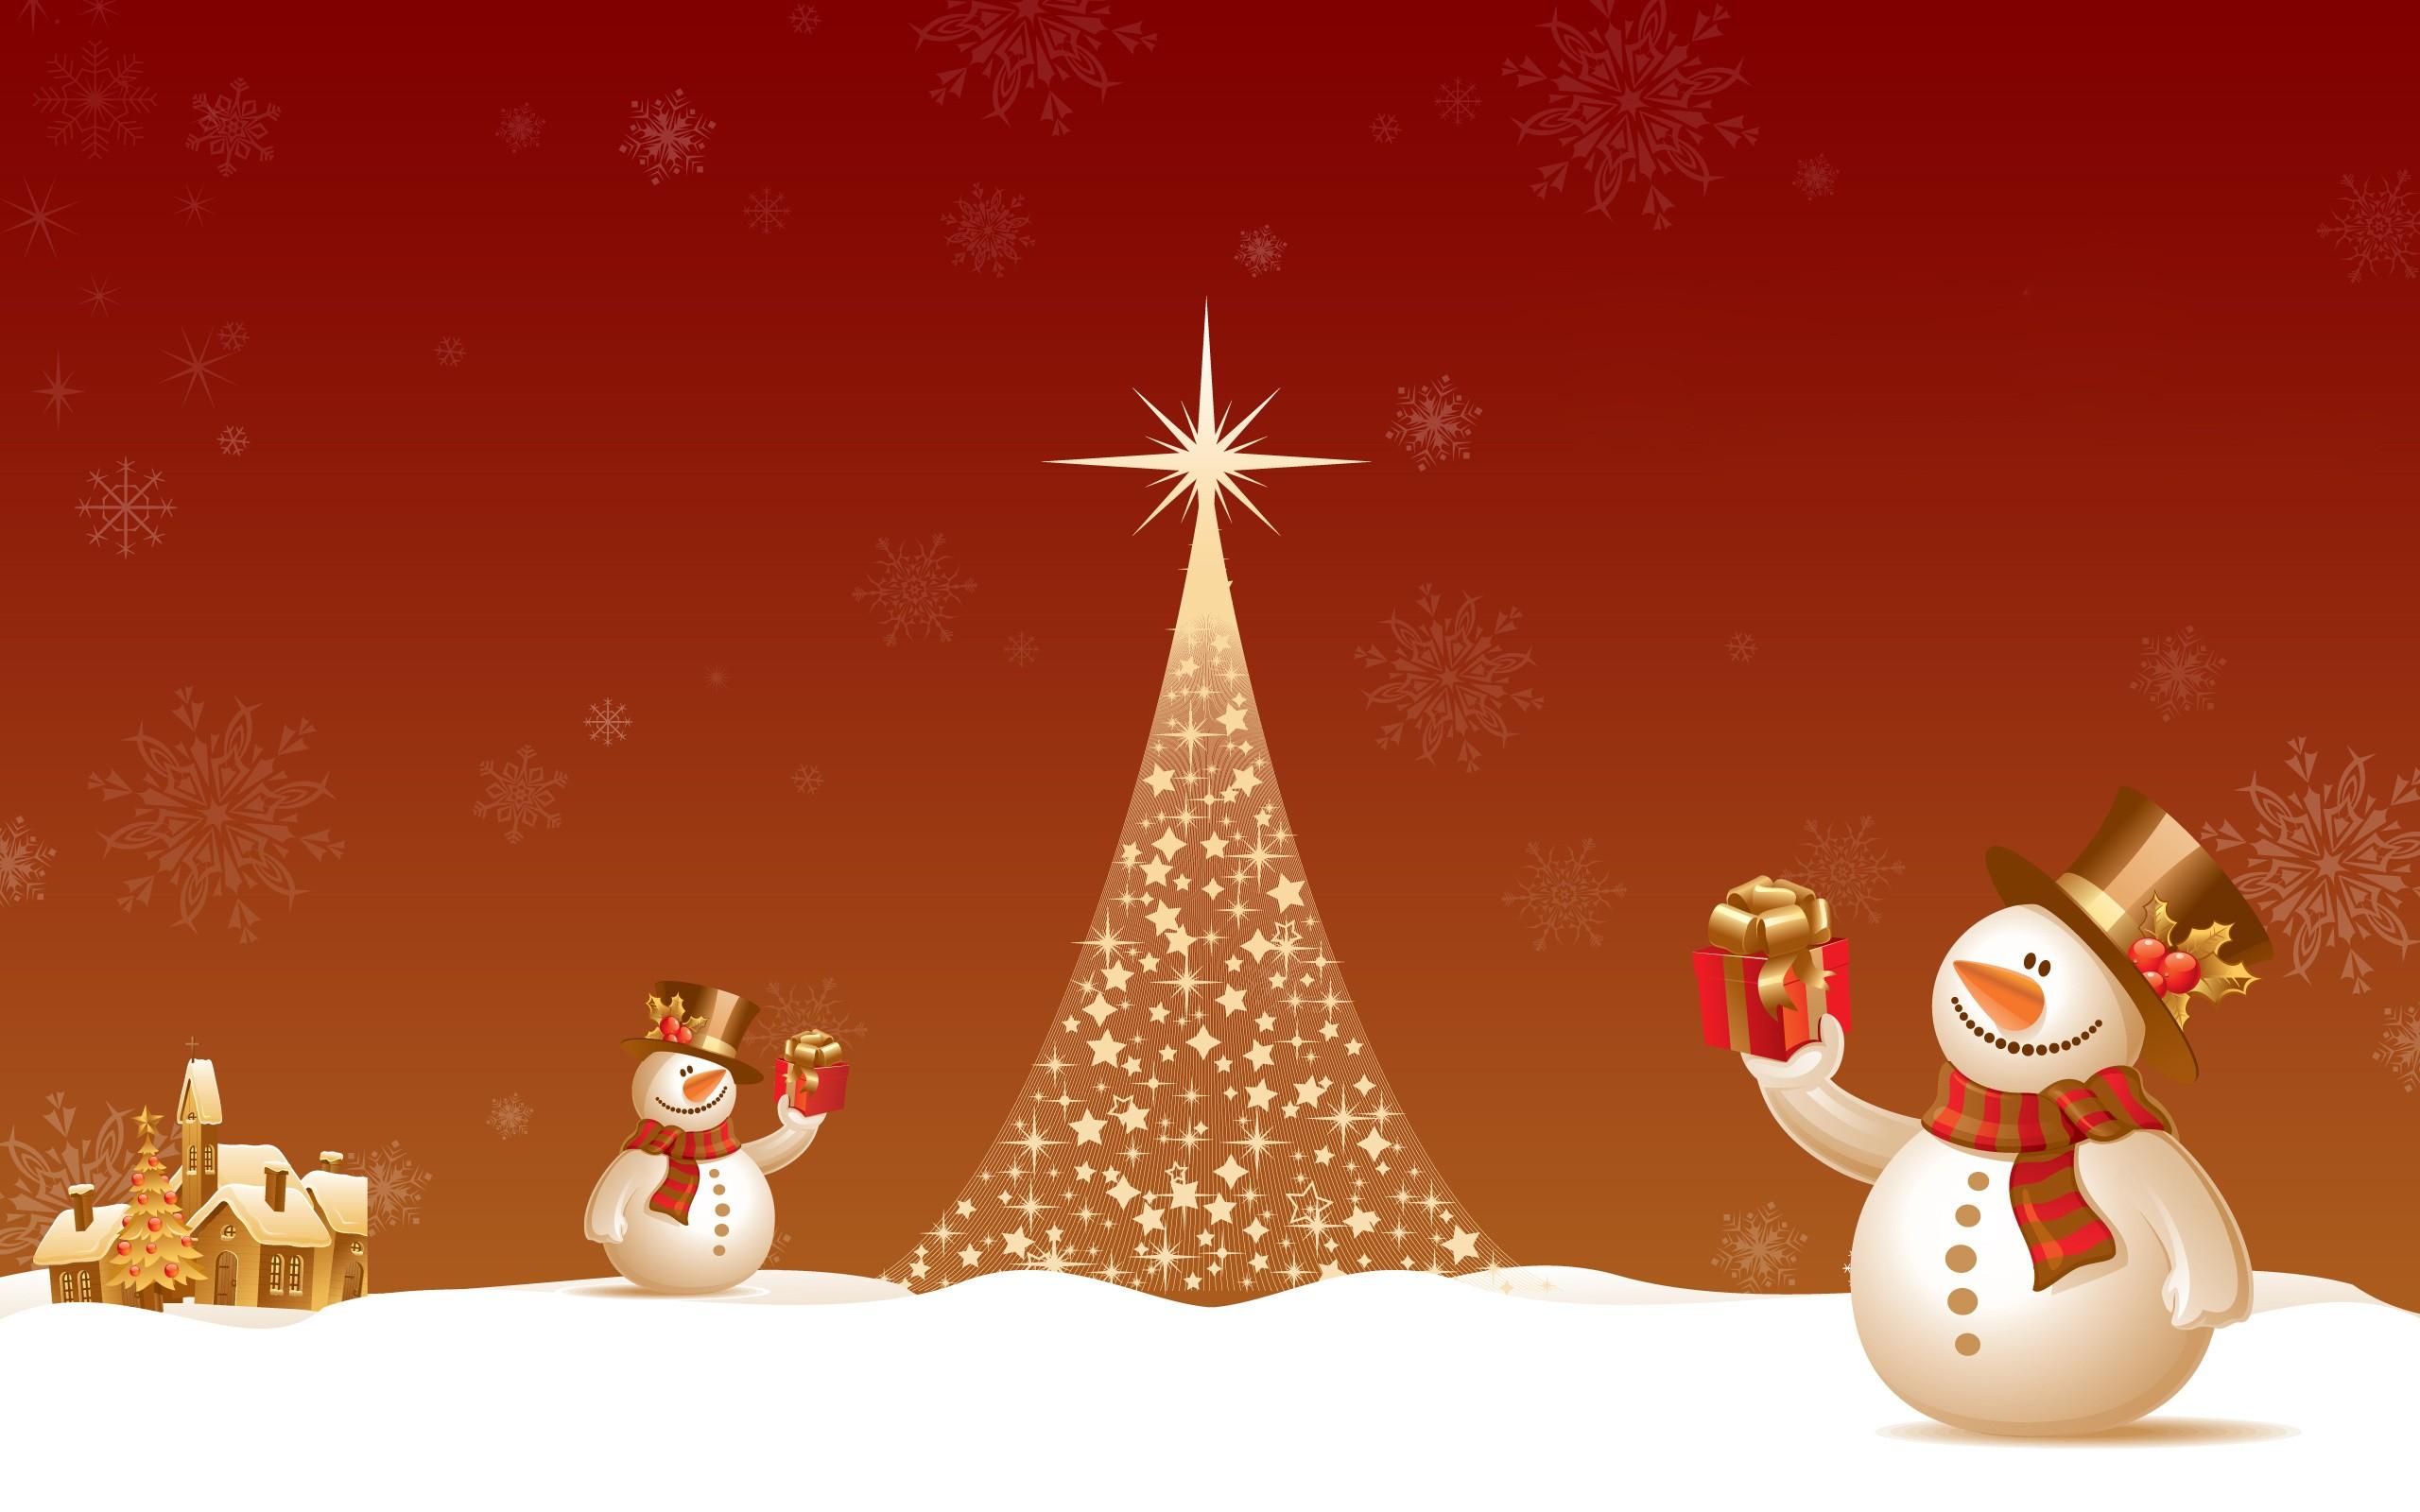 Sfondi Natalizi Renne.Sfondi Illustrazione Albero Di Natale Vacanza Nuovo Anno Renna